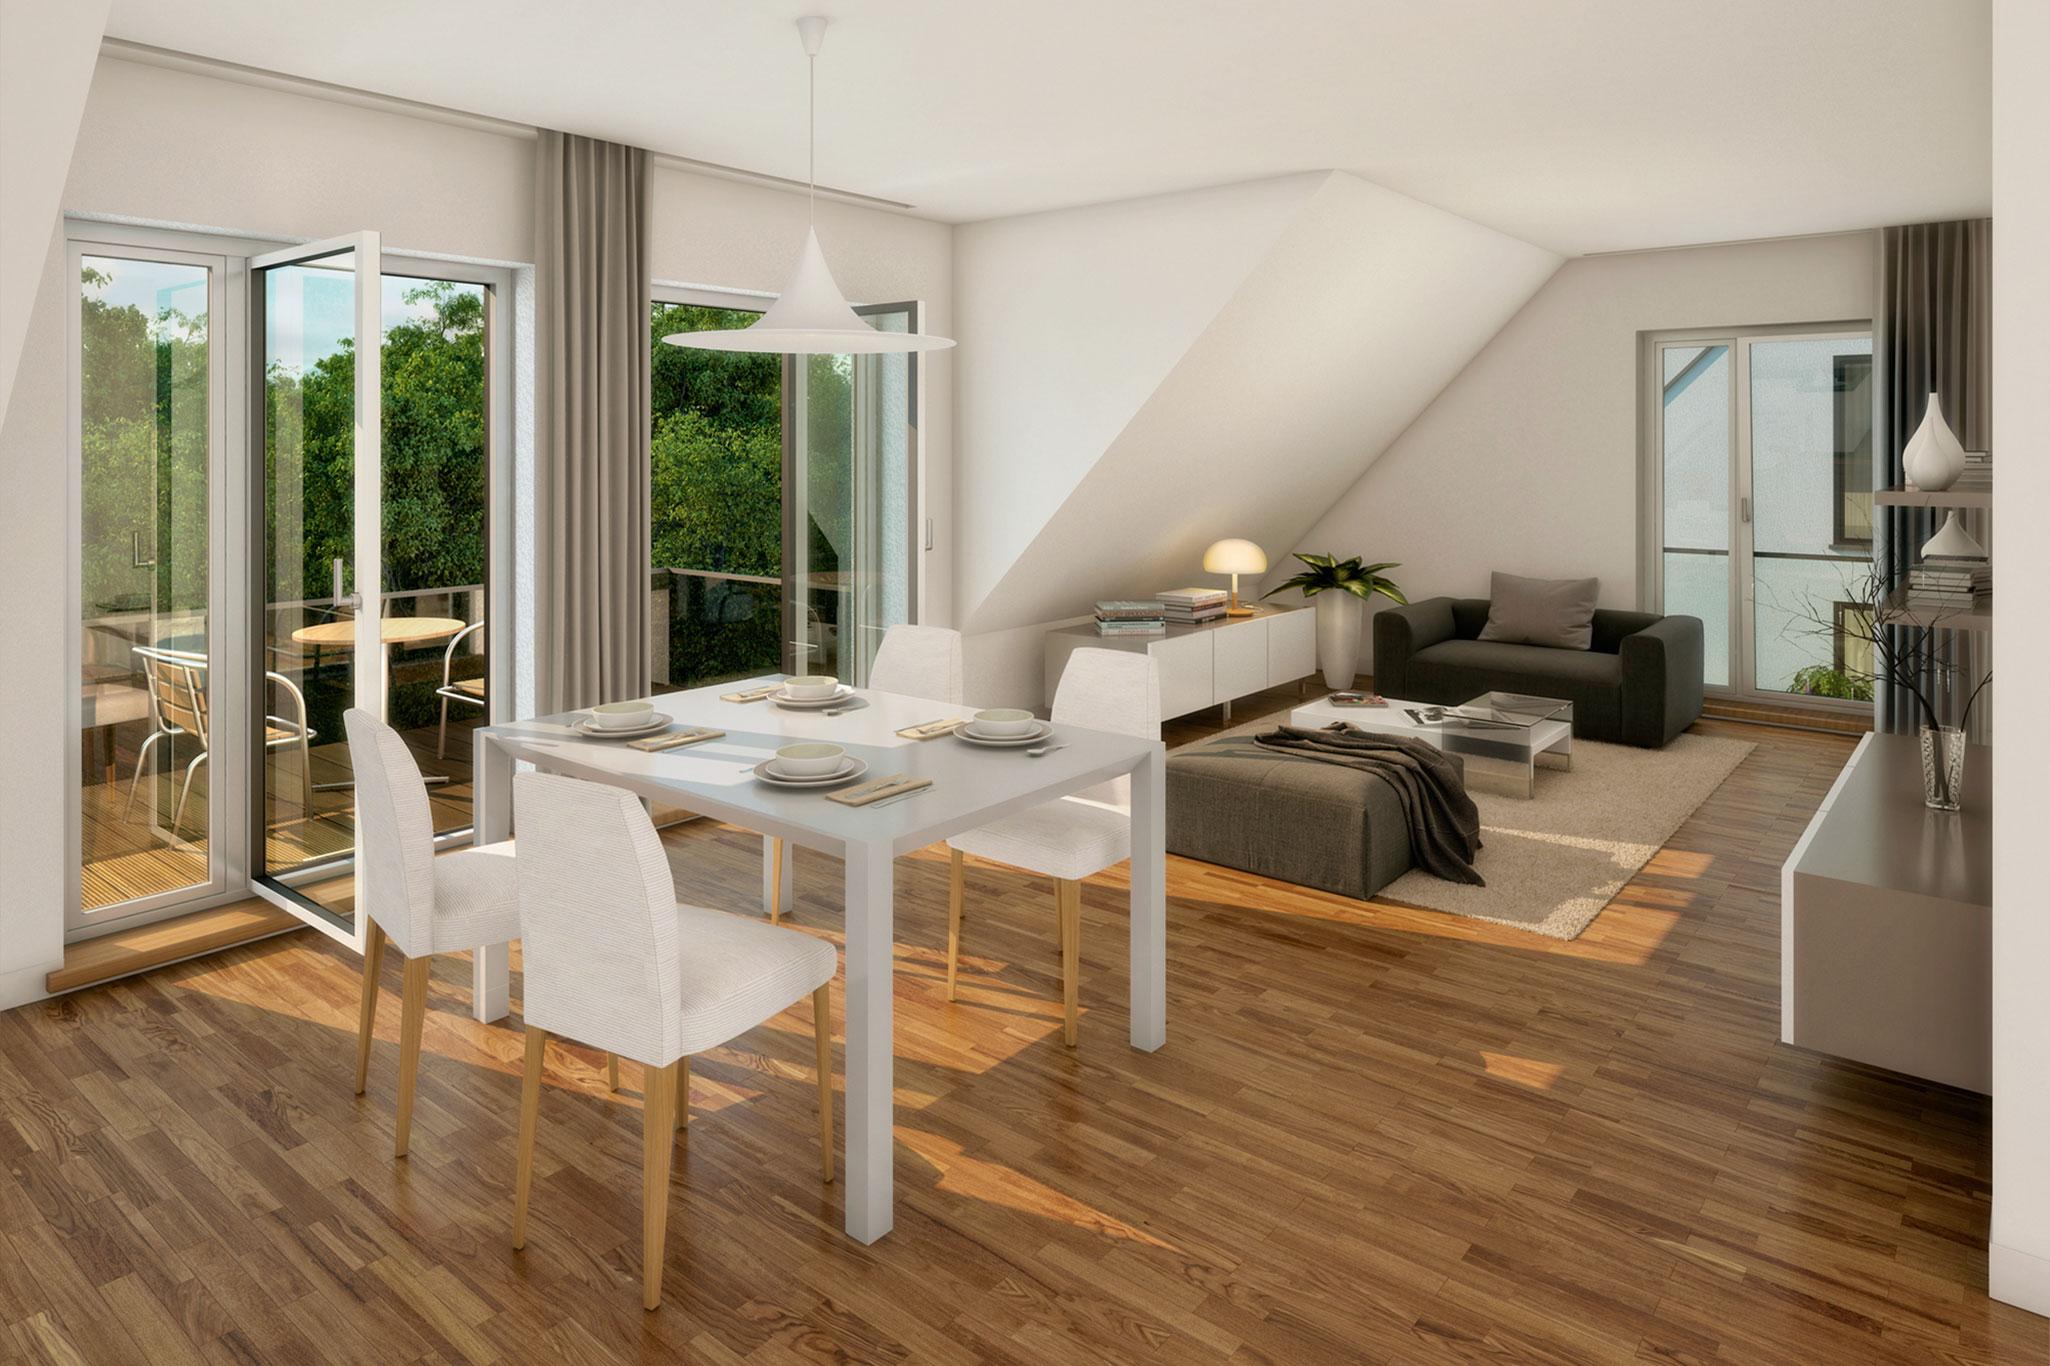 eigentumswohnungen solln bayerische landessiedlung gmbh. Black Bedroom Furniture Sets. Home Design Ideas